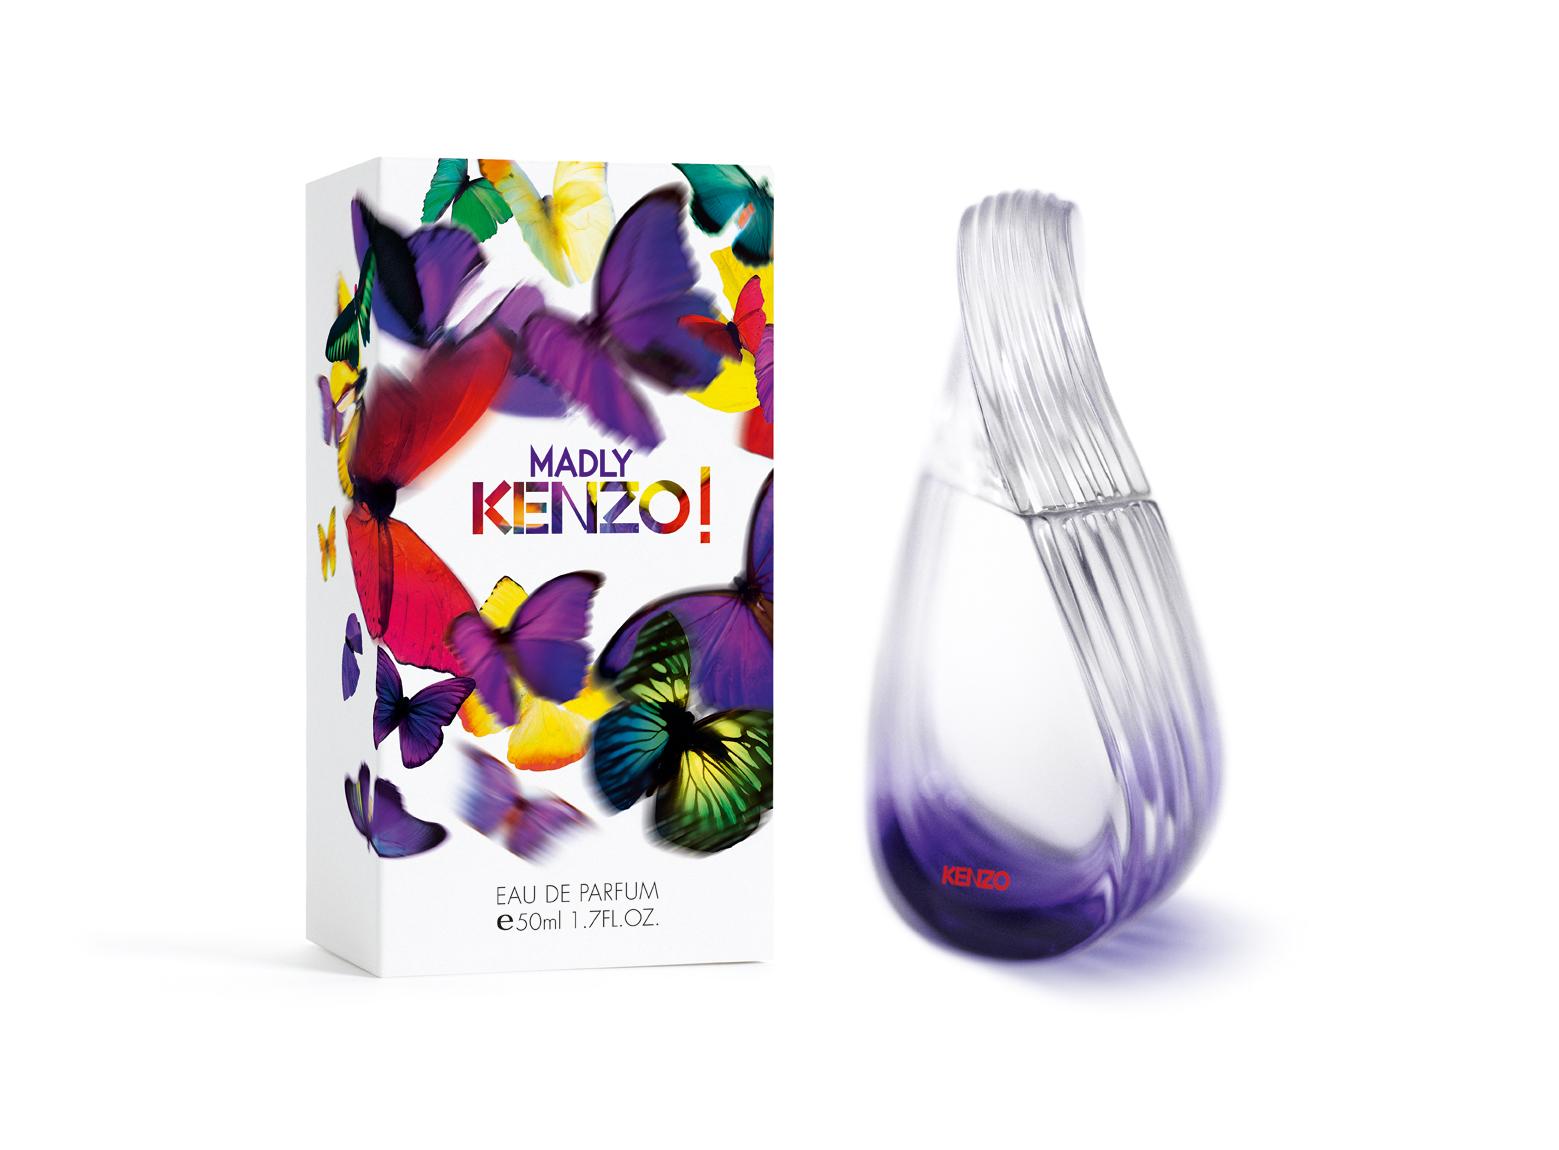 MADLY-KENZO-packshotBD